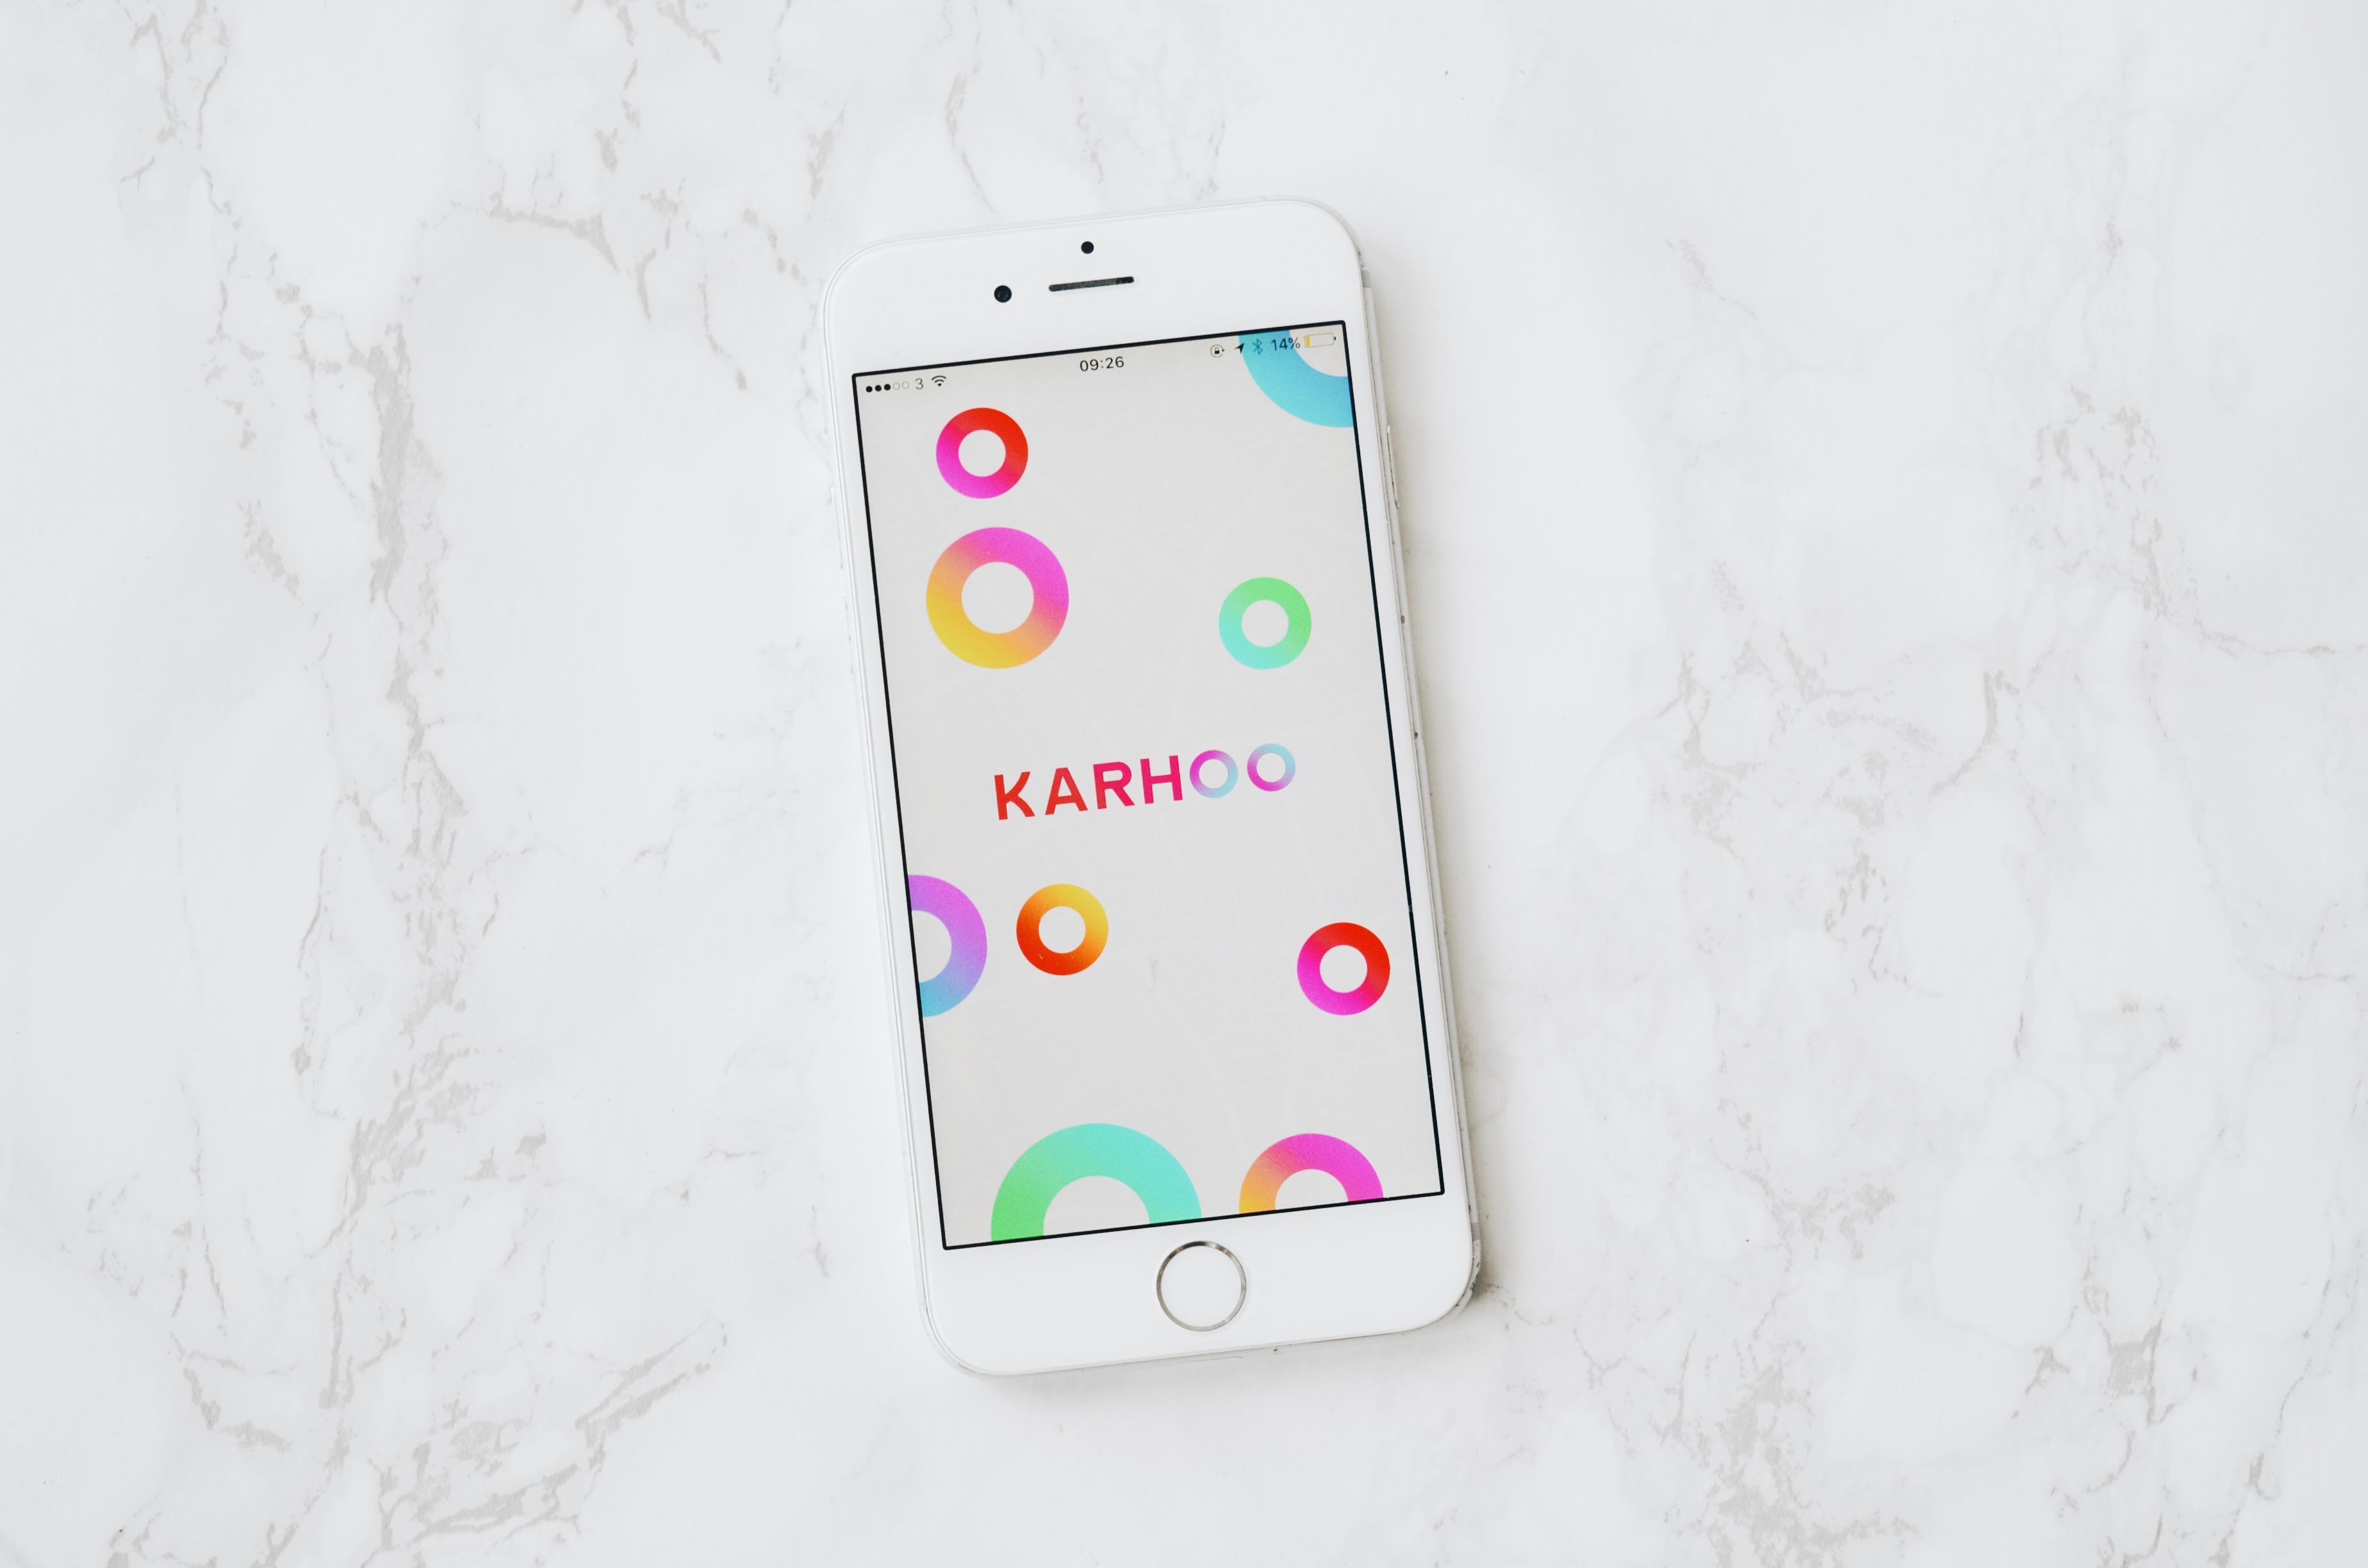 2. Karhoo